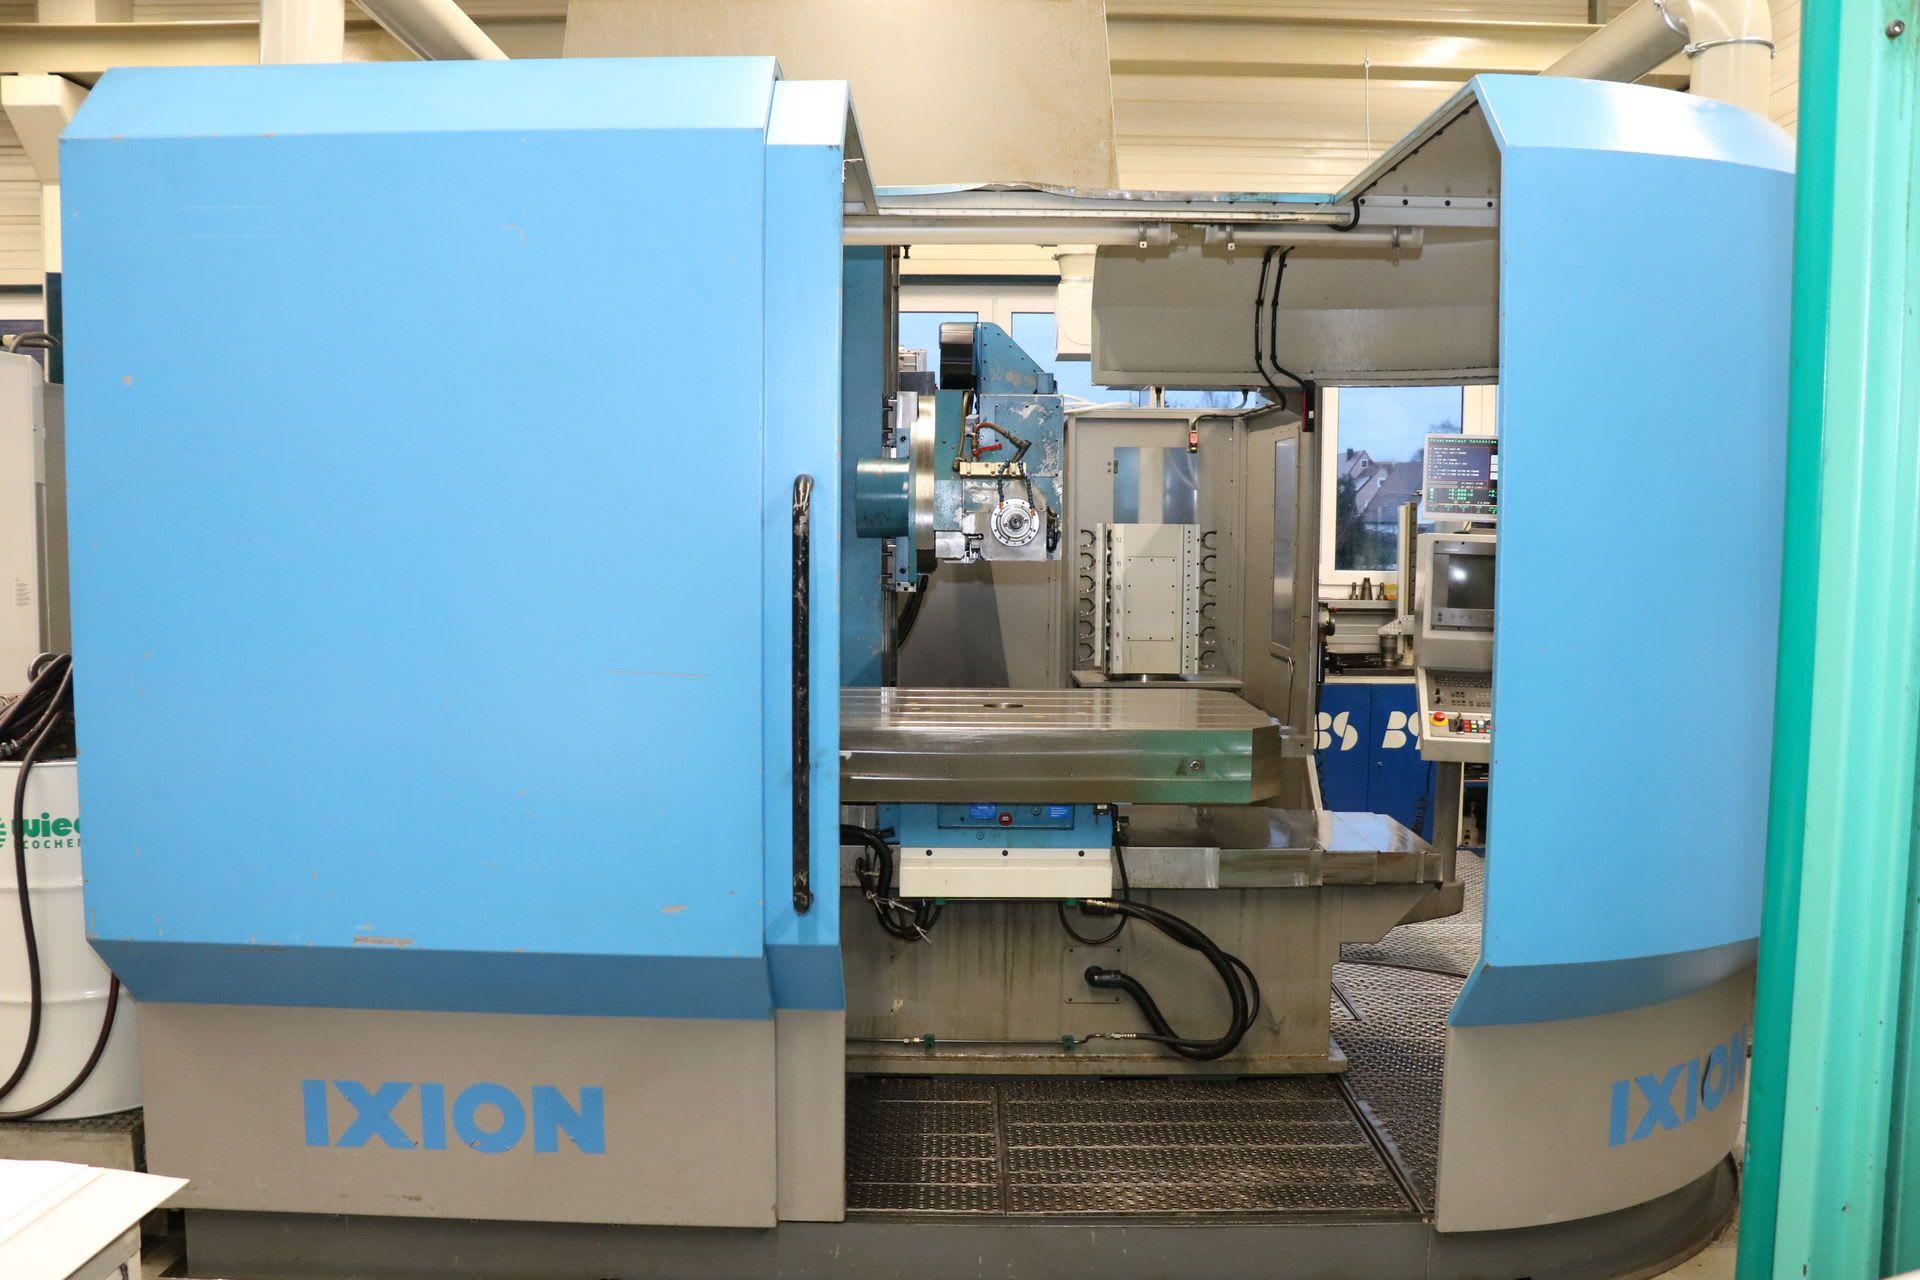 IXION TL 2 Tiefbohrmaschine